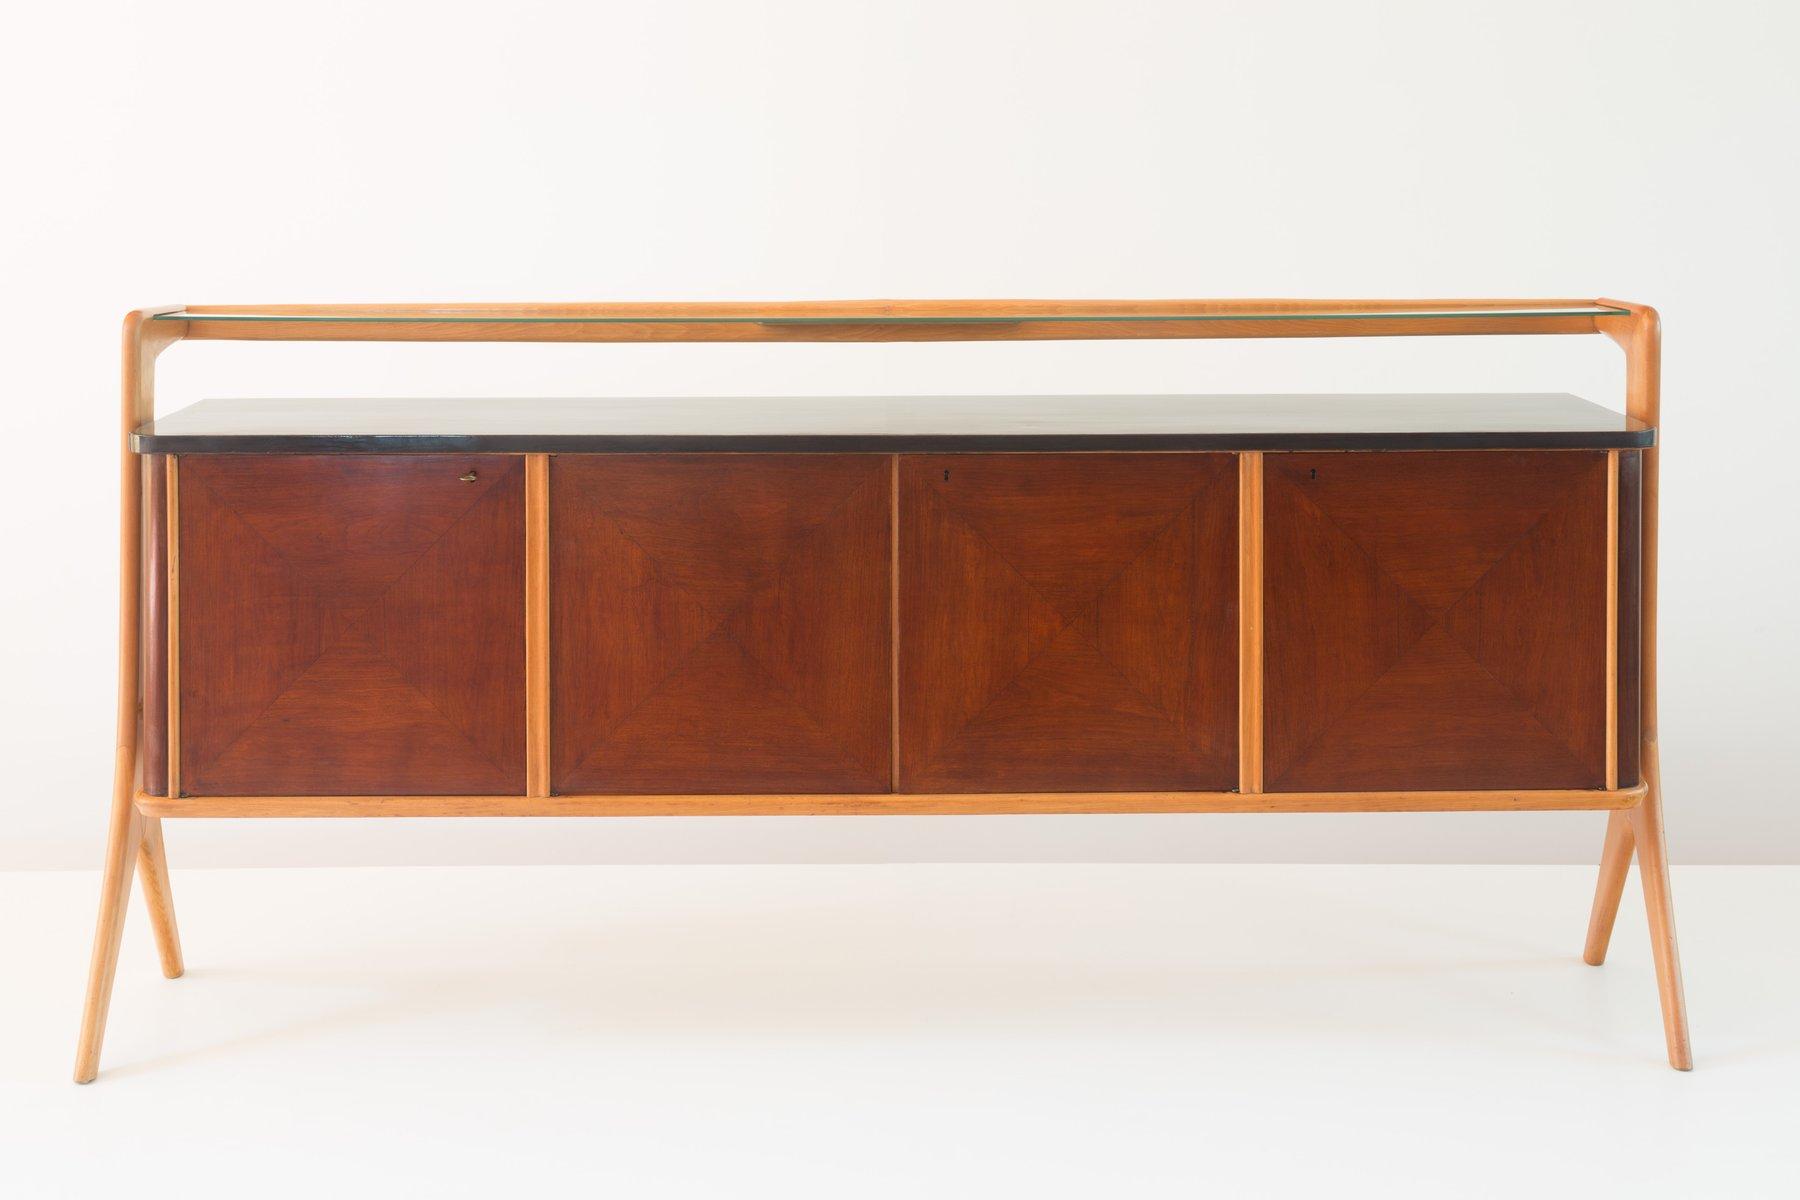 Mobili Anni 40 : Credenza in acero di vittorio dassi per dassi mobili moderni